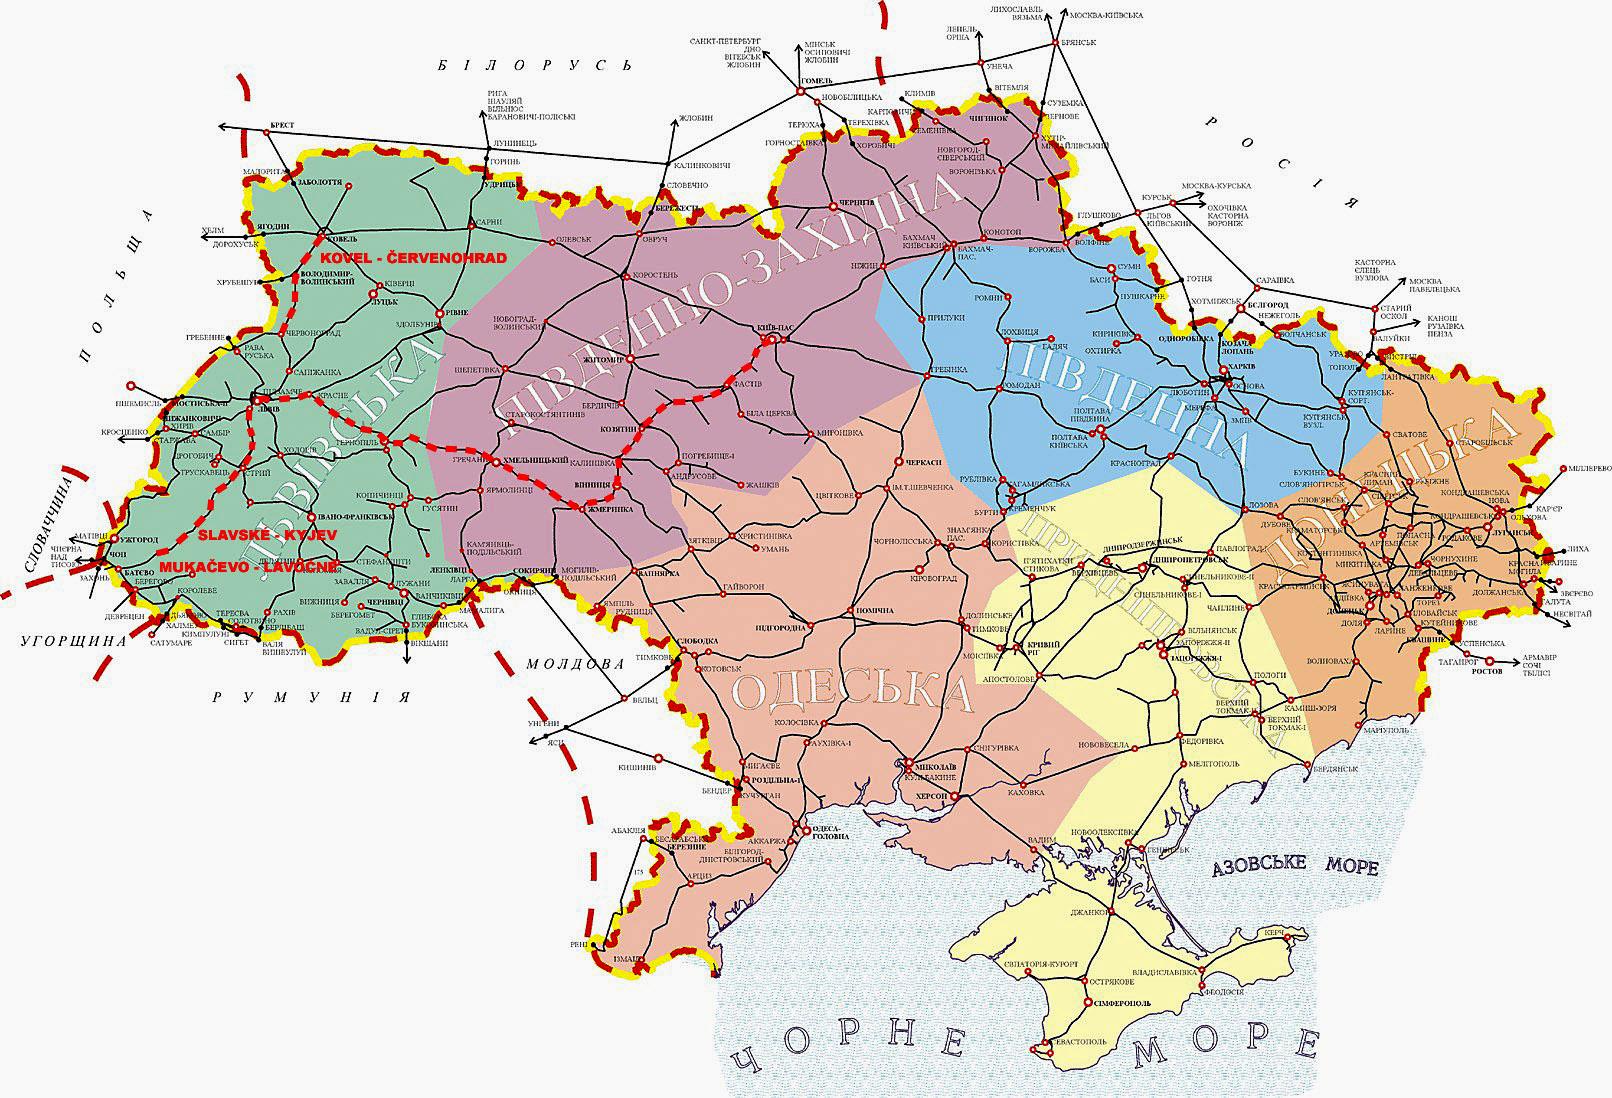 Ukrajina Mapy